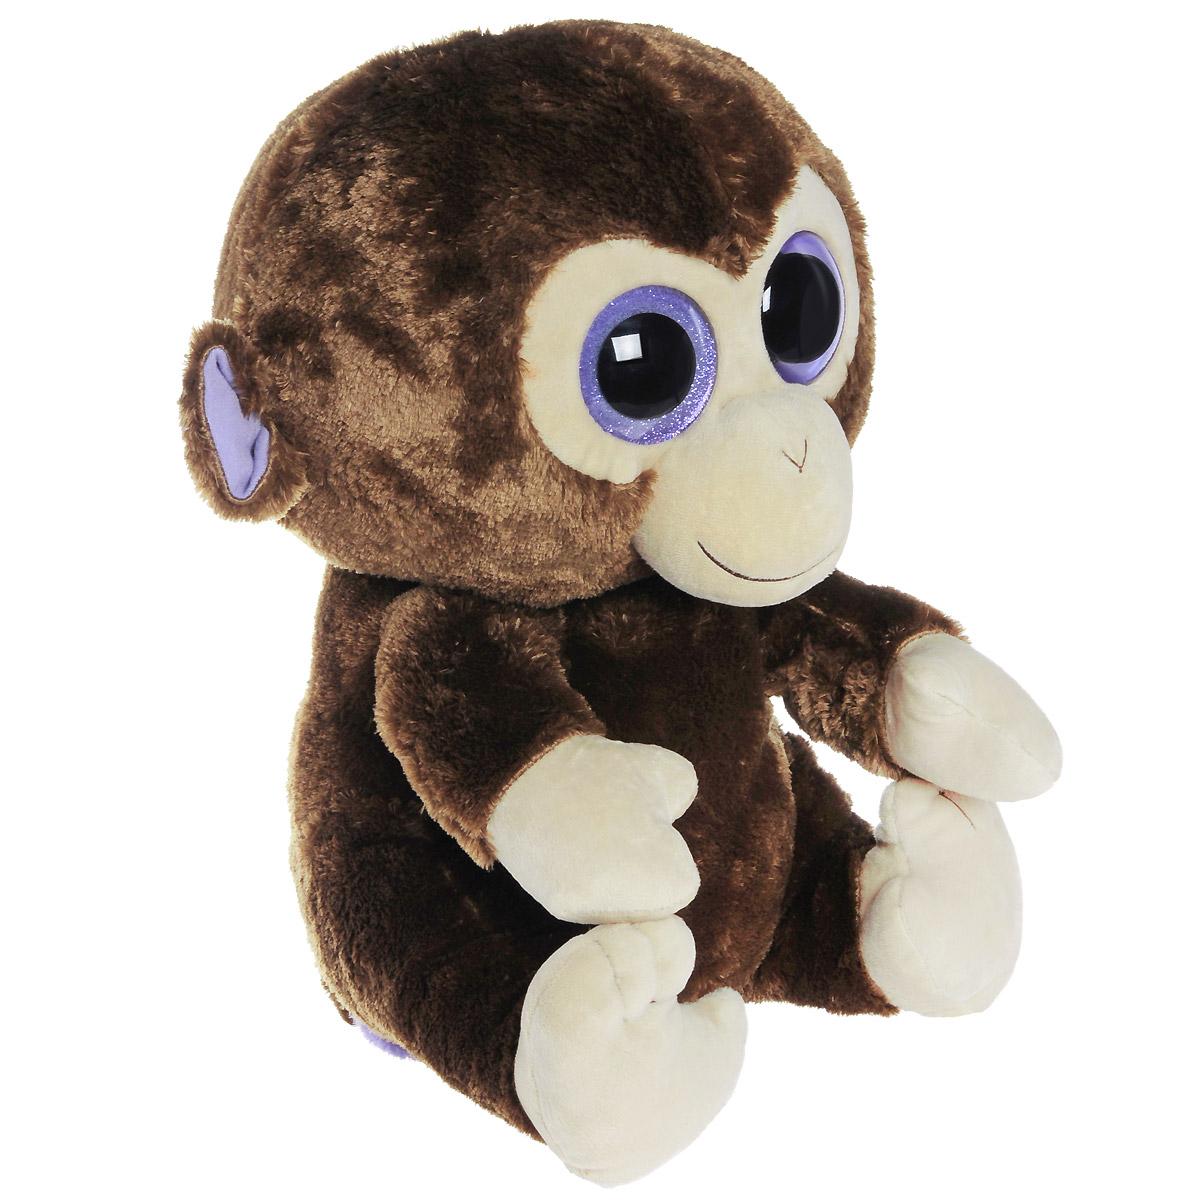 Мягкая игрушка Beanie Boos Обезьянка Coconut, 41 см36800Очаровательная мягкая игрушка Beanie Boos Обезьянка Coconut, выполненная в виде забавной обезьянки, непременно вызовет улыбку и симпатию и у детей, и у взрослых. Веселая обезьянка с выразительными искрящимися глазками изготовлена из высококачественного мягкого текстильного материала с набивкой из синтепона. Как и все игрушки серии Beanie Boos, она изготовлена вручную, с любовью и вниманием к деталям. Удивительно мягкая игрушка принесет радость и подарит своему обладателю мгновения нежных объятий и приятных воспоминаний. Великолепное качество исполнения делают эту игрушку чудесным подарком к любому празднику.